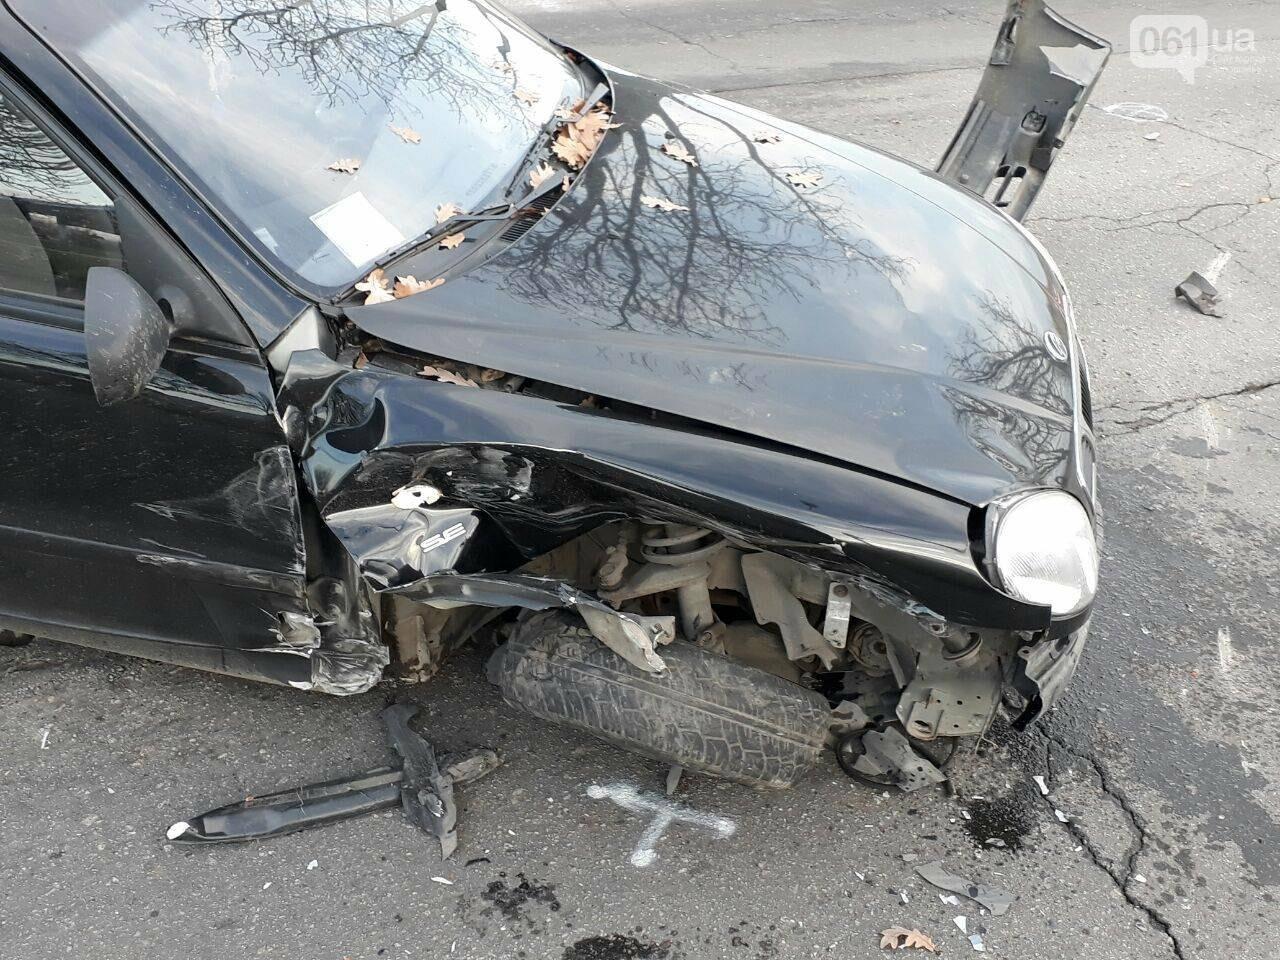 В Запорожье столкнулись два авто: у машин серьезные повреждения - ФОТО, фото-2